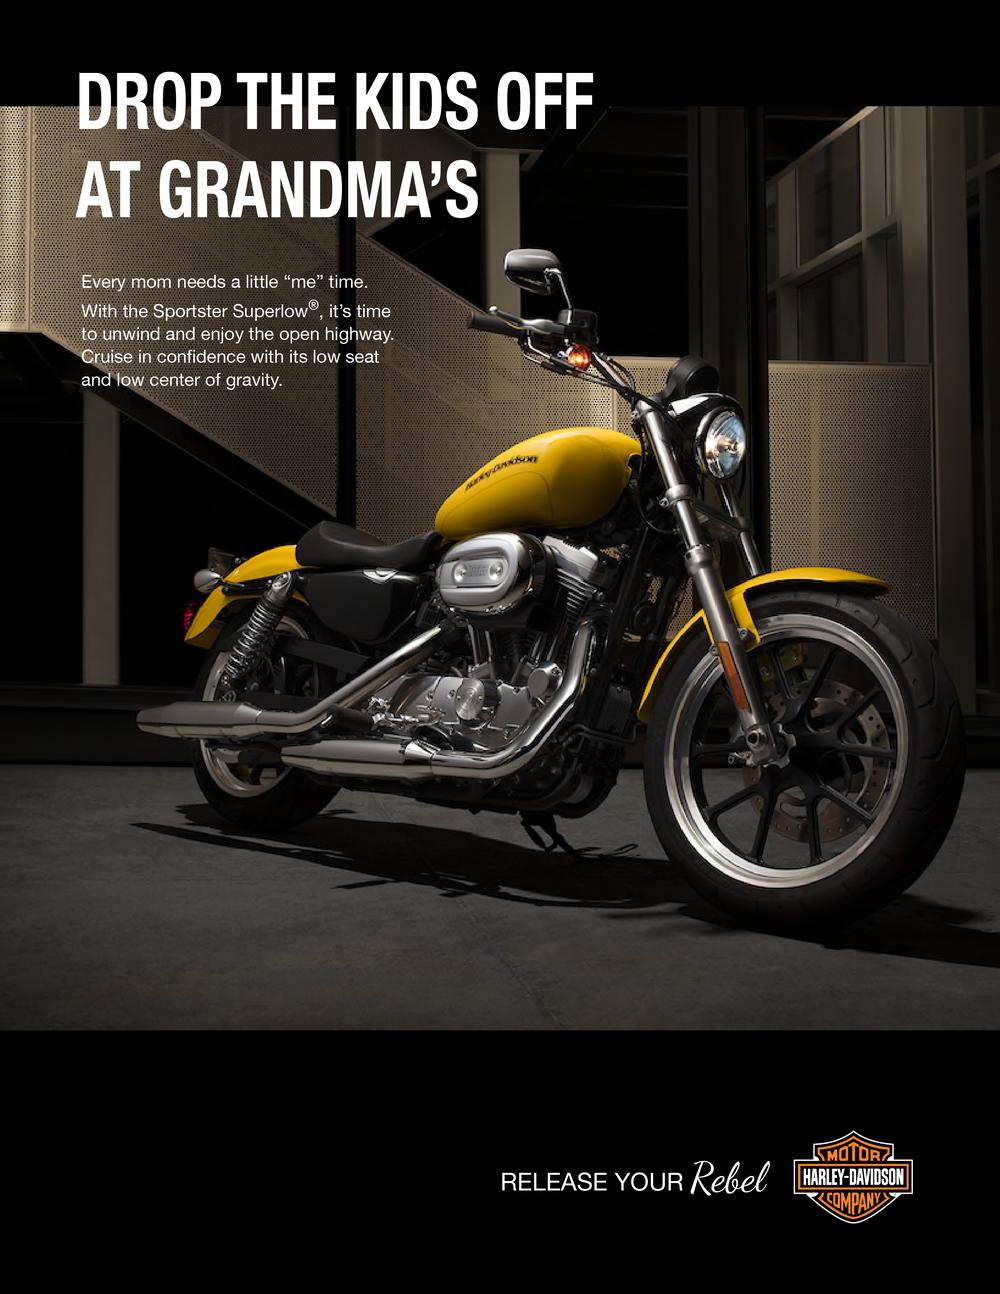 Harley Davidson: Release your rebel